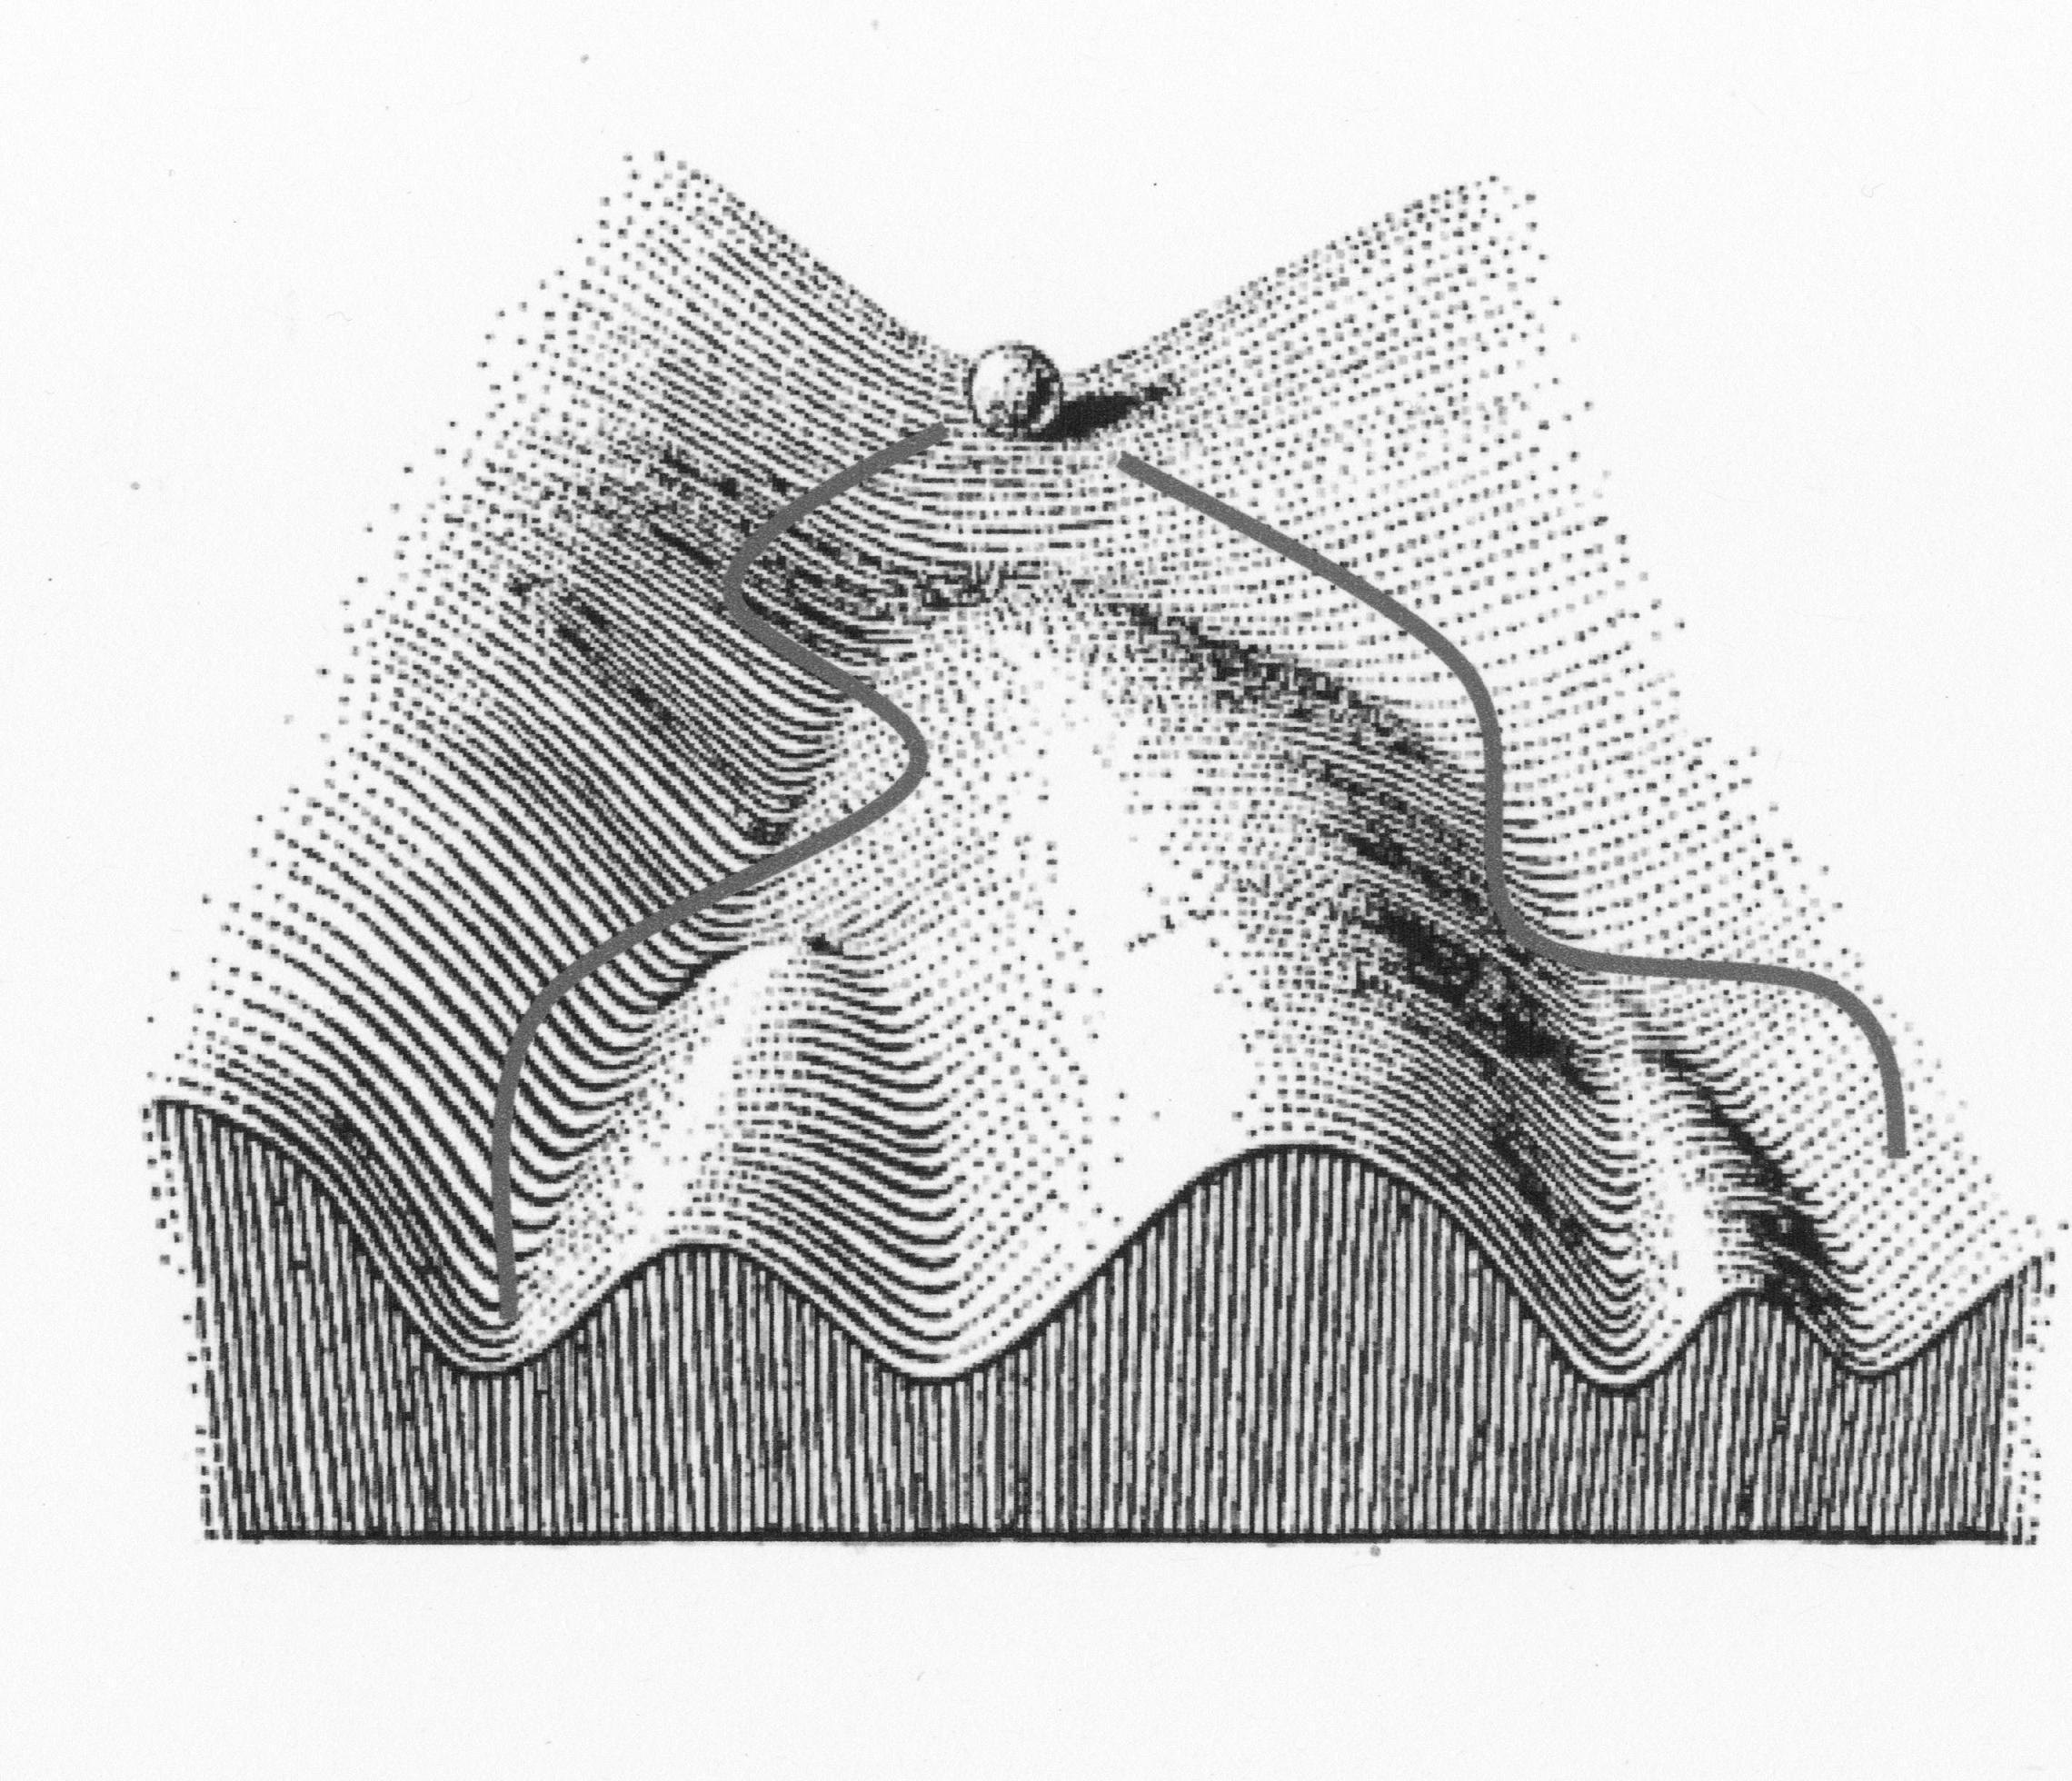 Eine Murmel kann in einer Landschaft in verschiedene Täler hinabrollen.